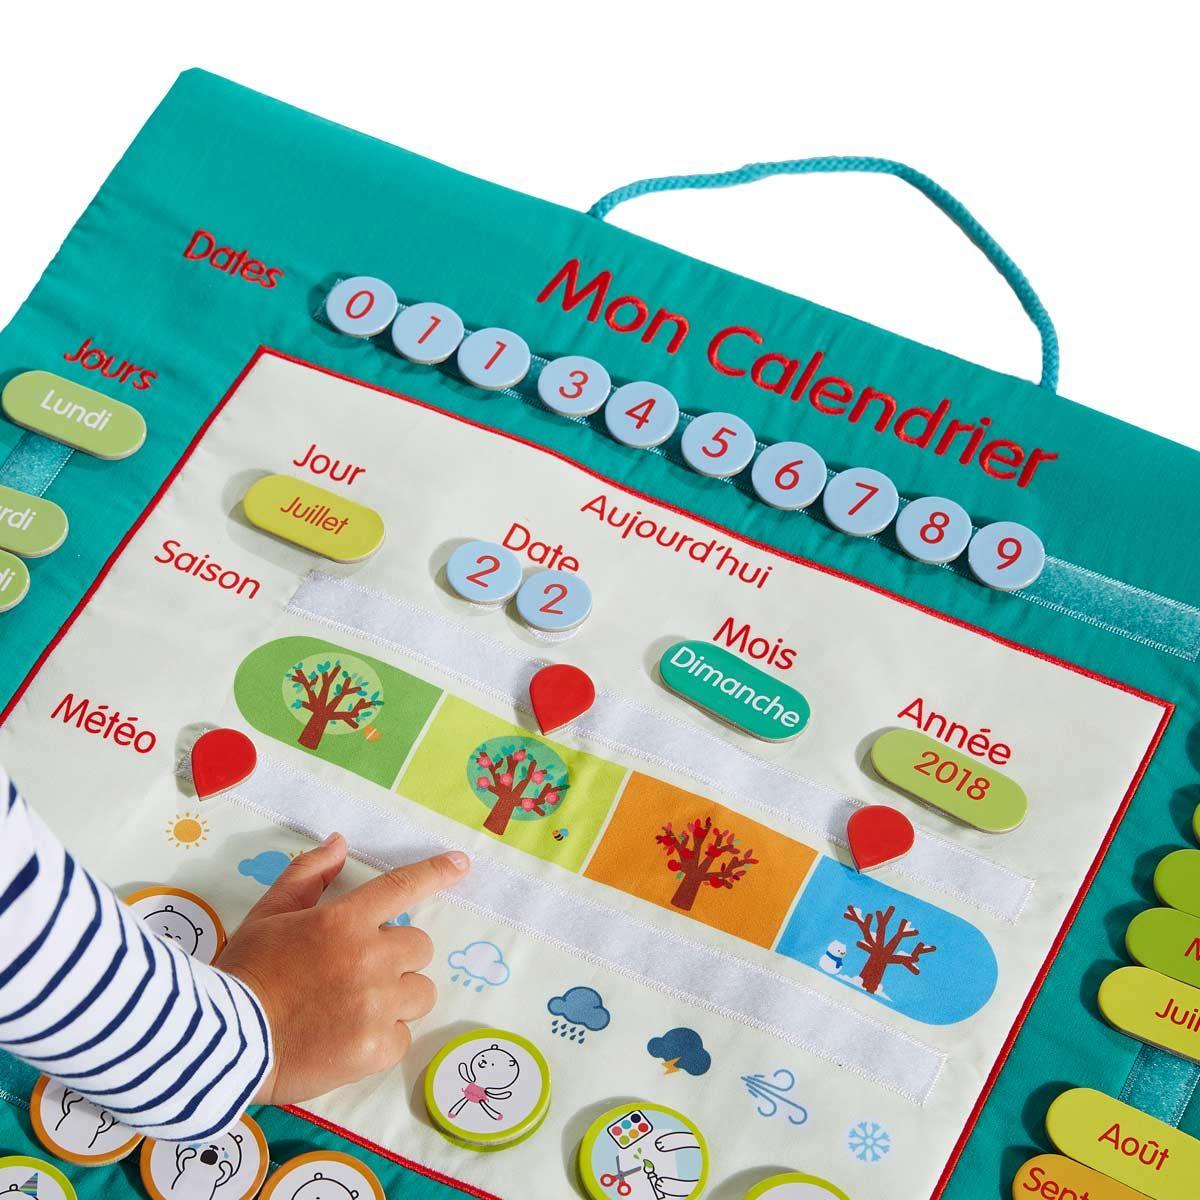 Jeux Pour Enfant De 4 Ans - Primanyc encequiconcerne Jeux Pour Enfant De 4 Ans